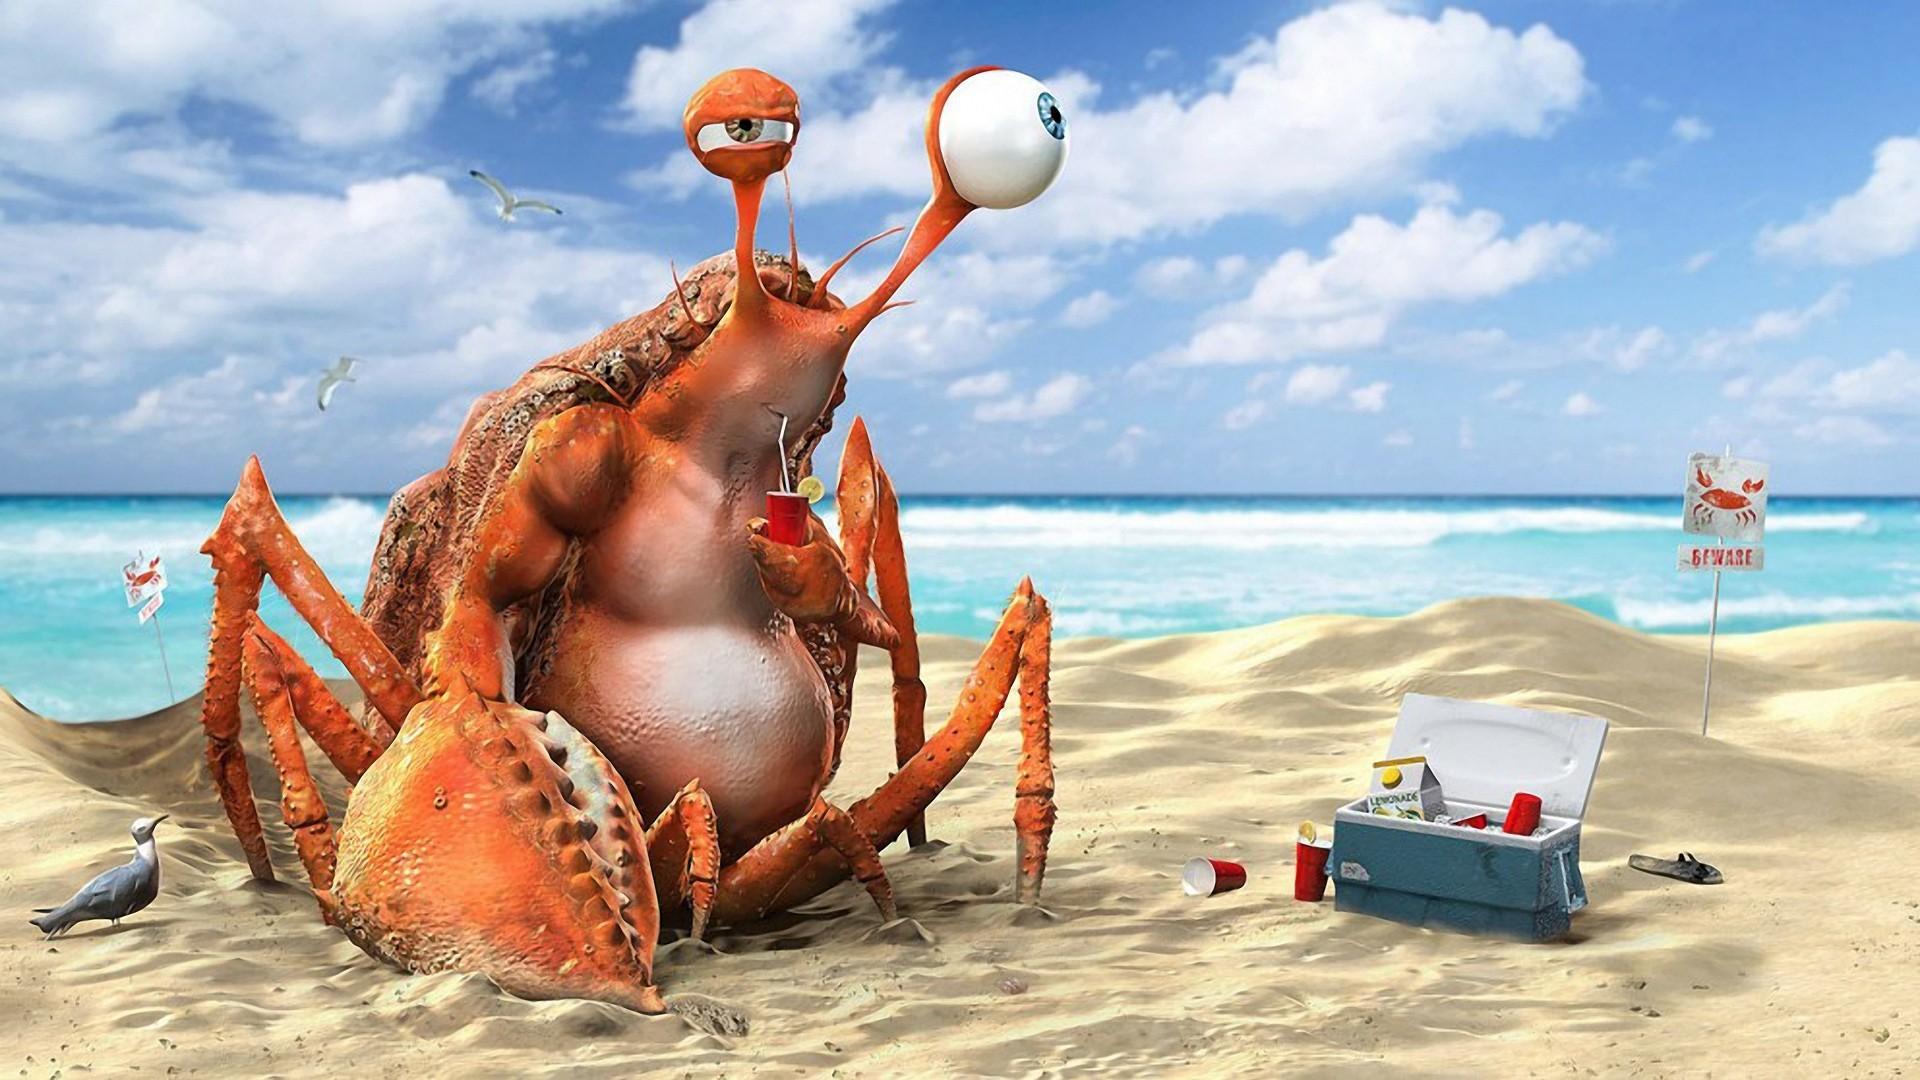 смешные картинки про пляж на море часы